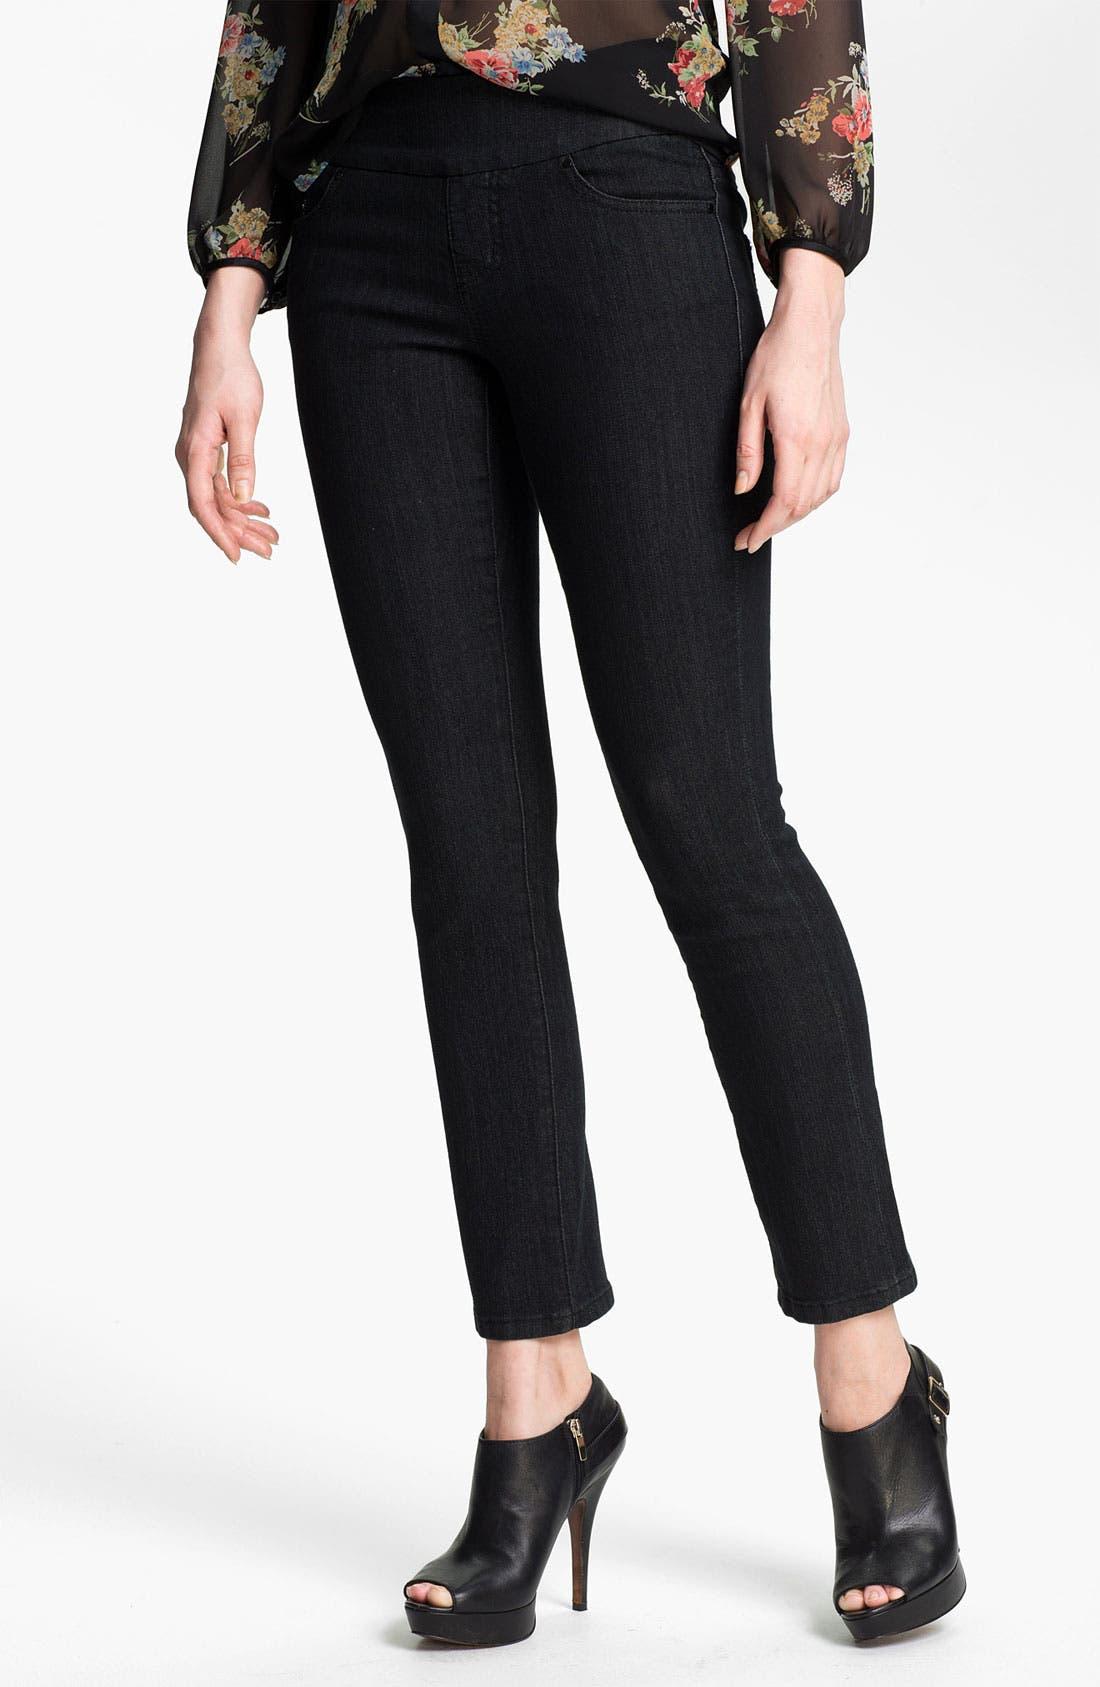 Alternate Image 1 Selected - Jag Jeans 'Tatum' Pull On Straight Leg Jeans (Petite)